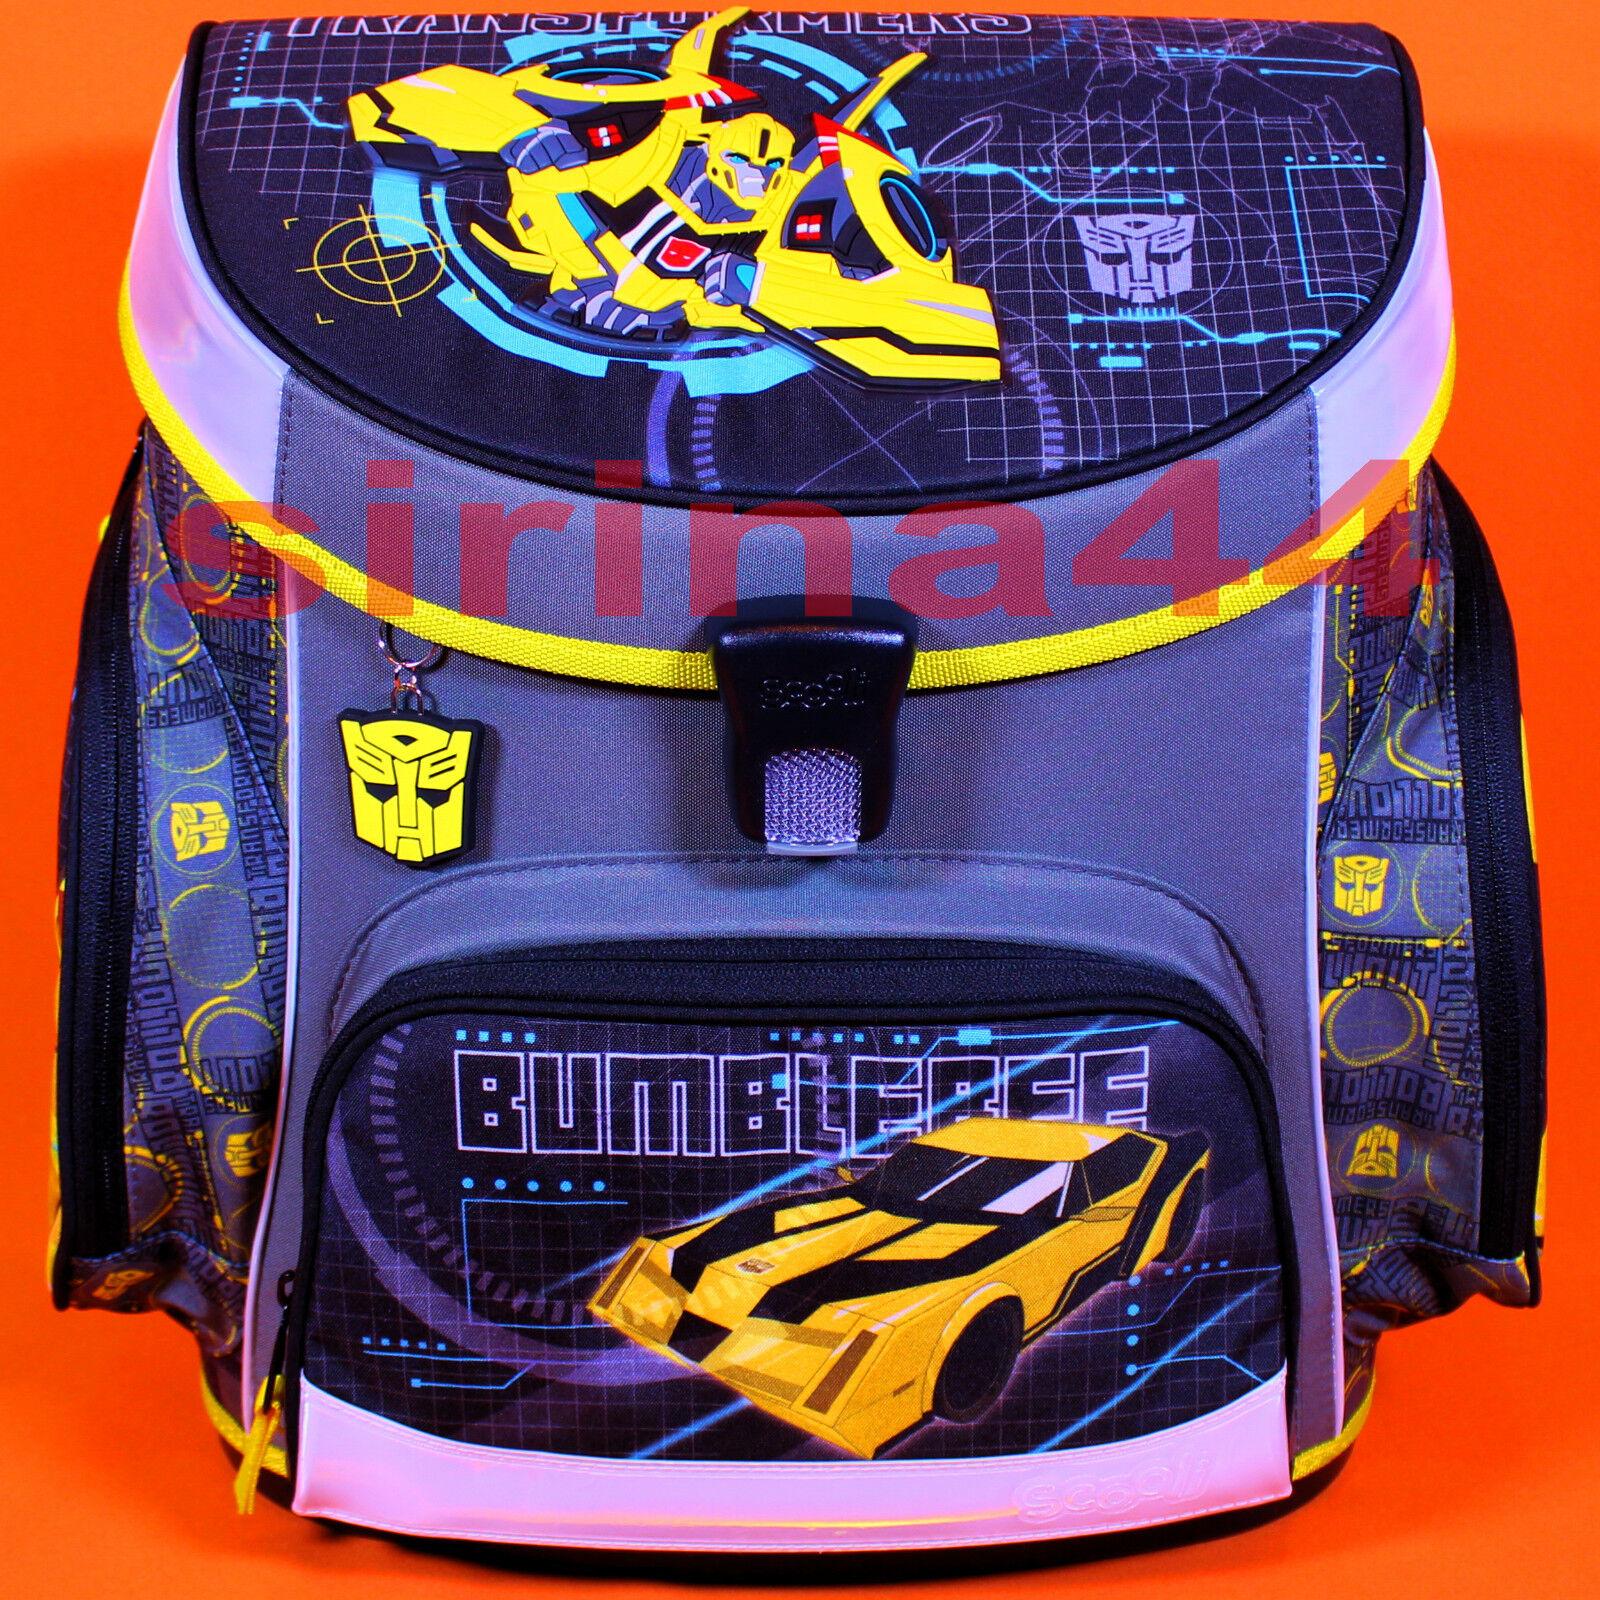 21tlg Schulranzen-Set  Transformers  - Bumblebee m.Flasche+Dose+Sporttasche uvm. | Schenken Sie Ihrem Kind eine glückliche Kindheit  | Hohe Sicherheit  | Billiger als der Preis